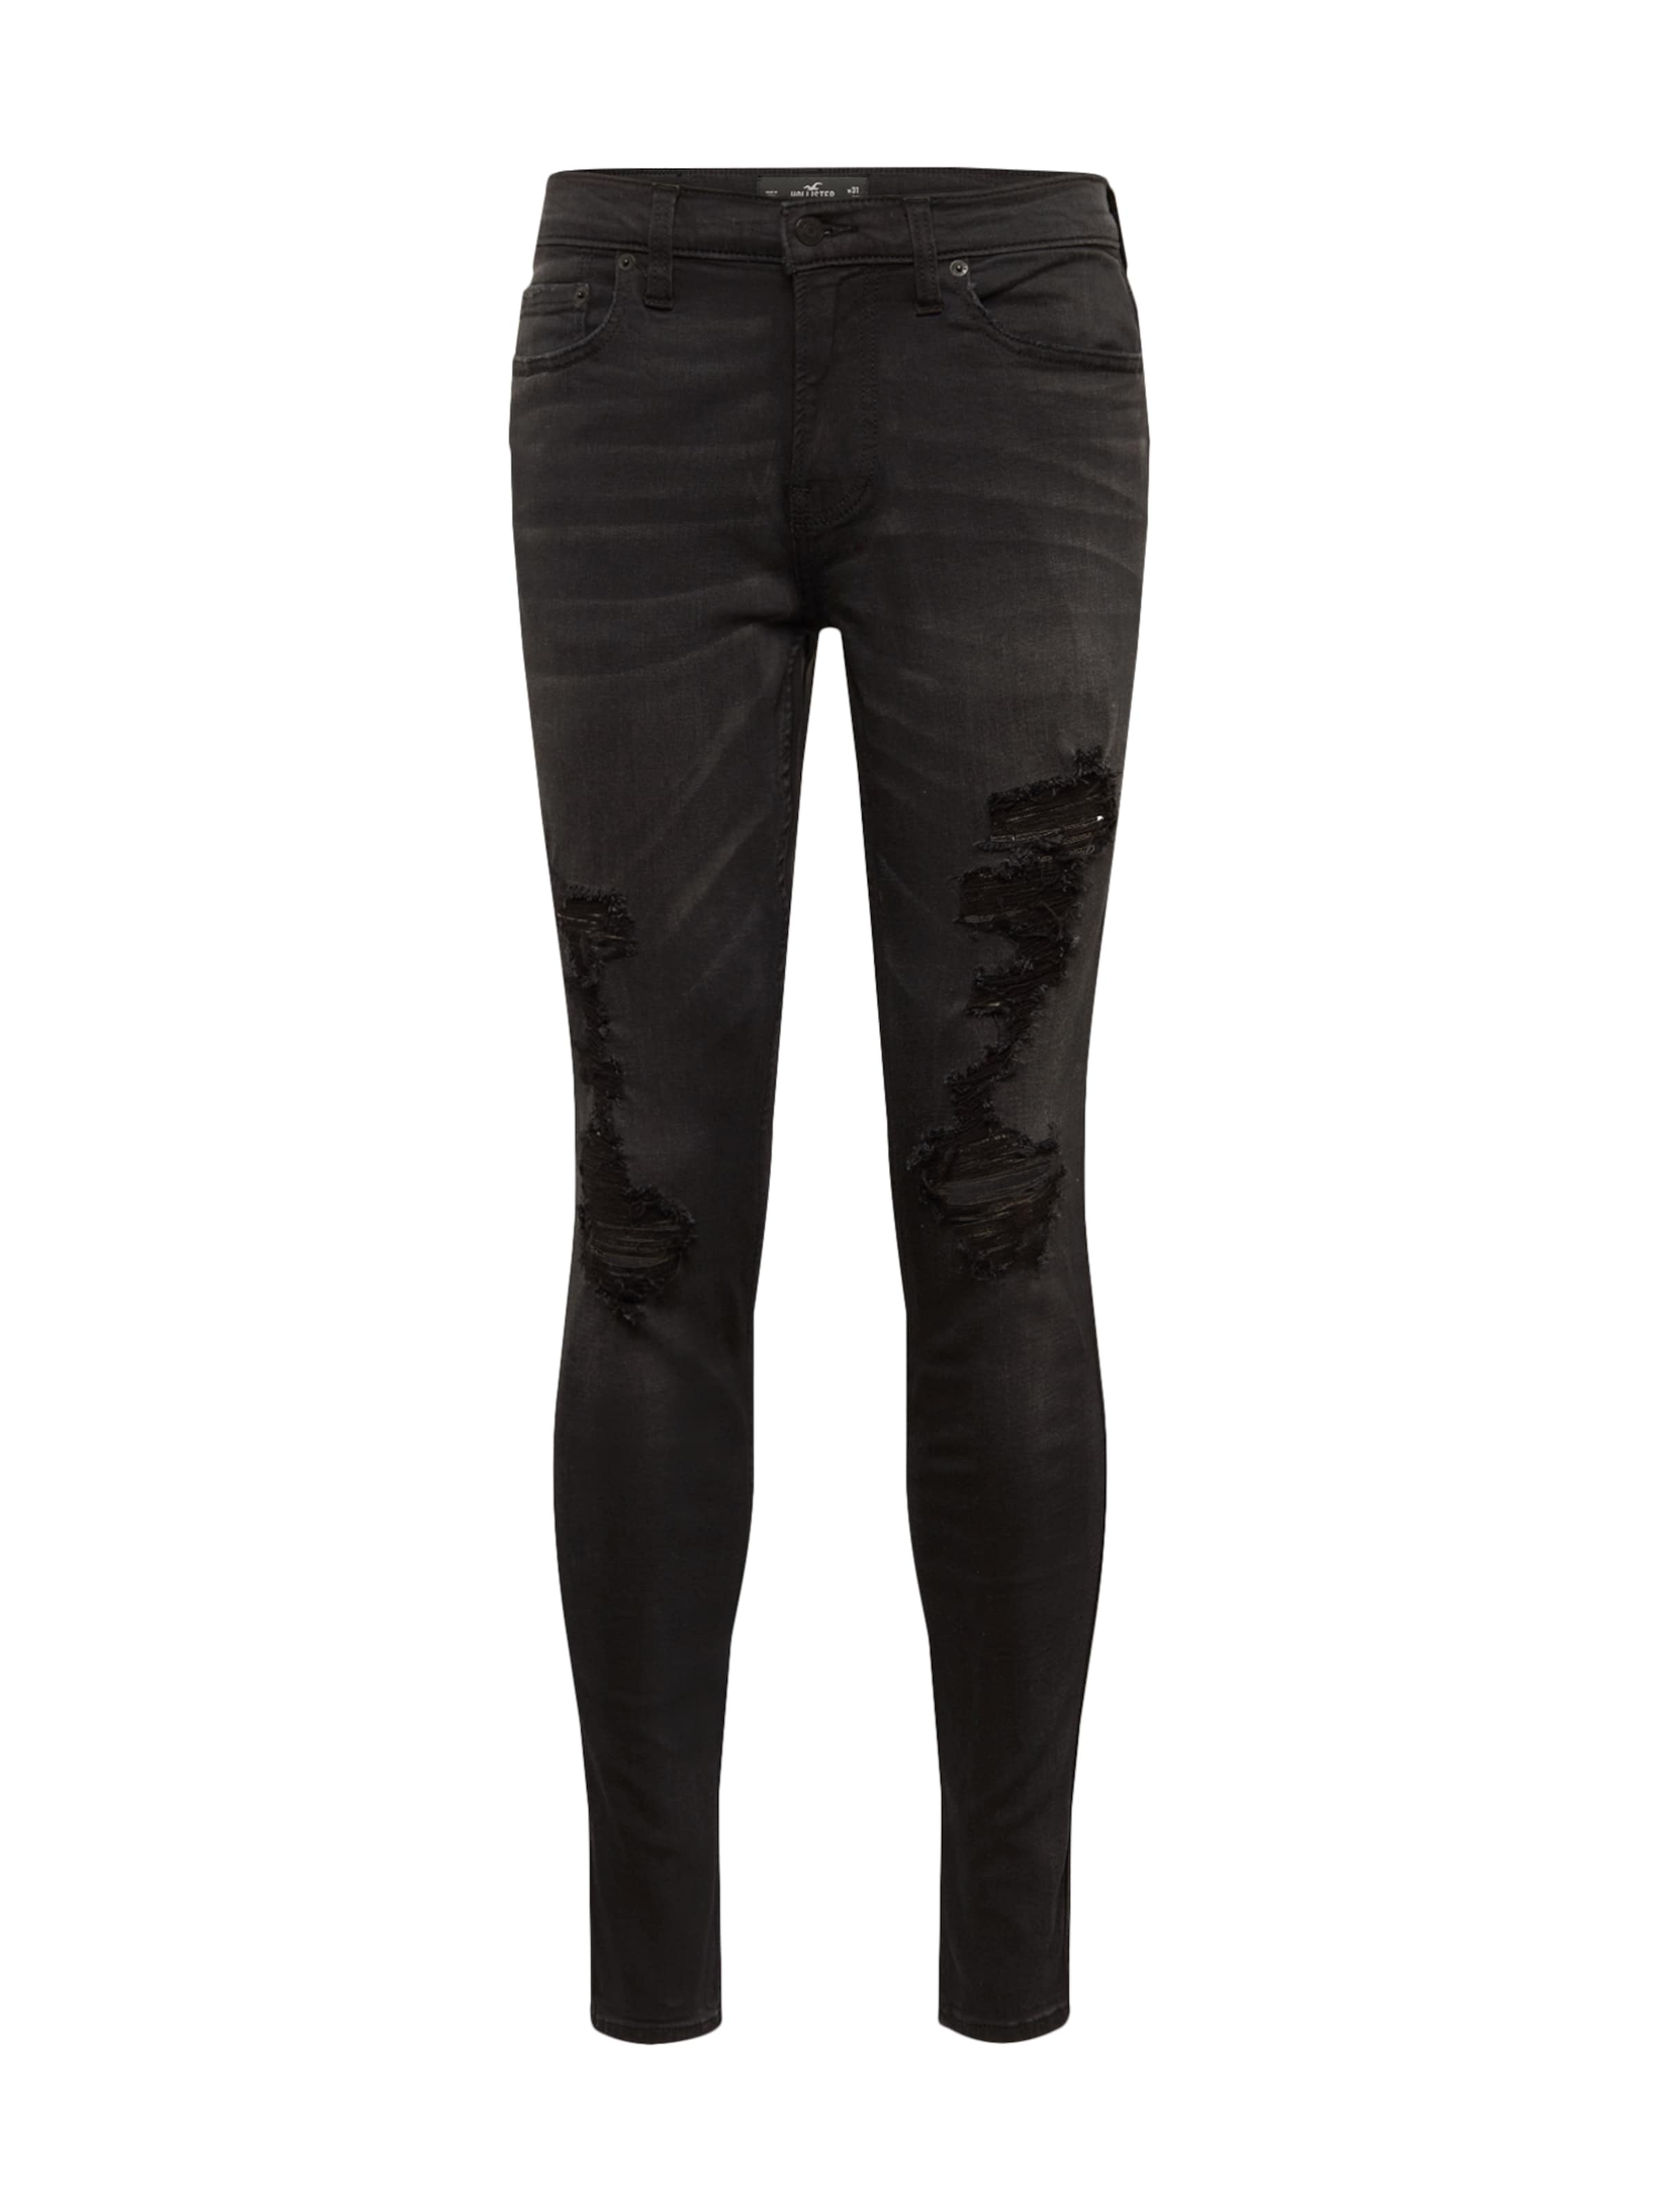 Skny' Shredded Spr Noir 'washed Hollister En Denim Black Jean 34jL5RA